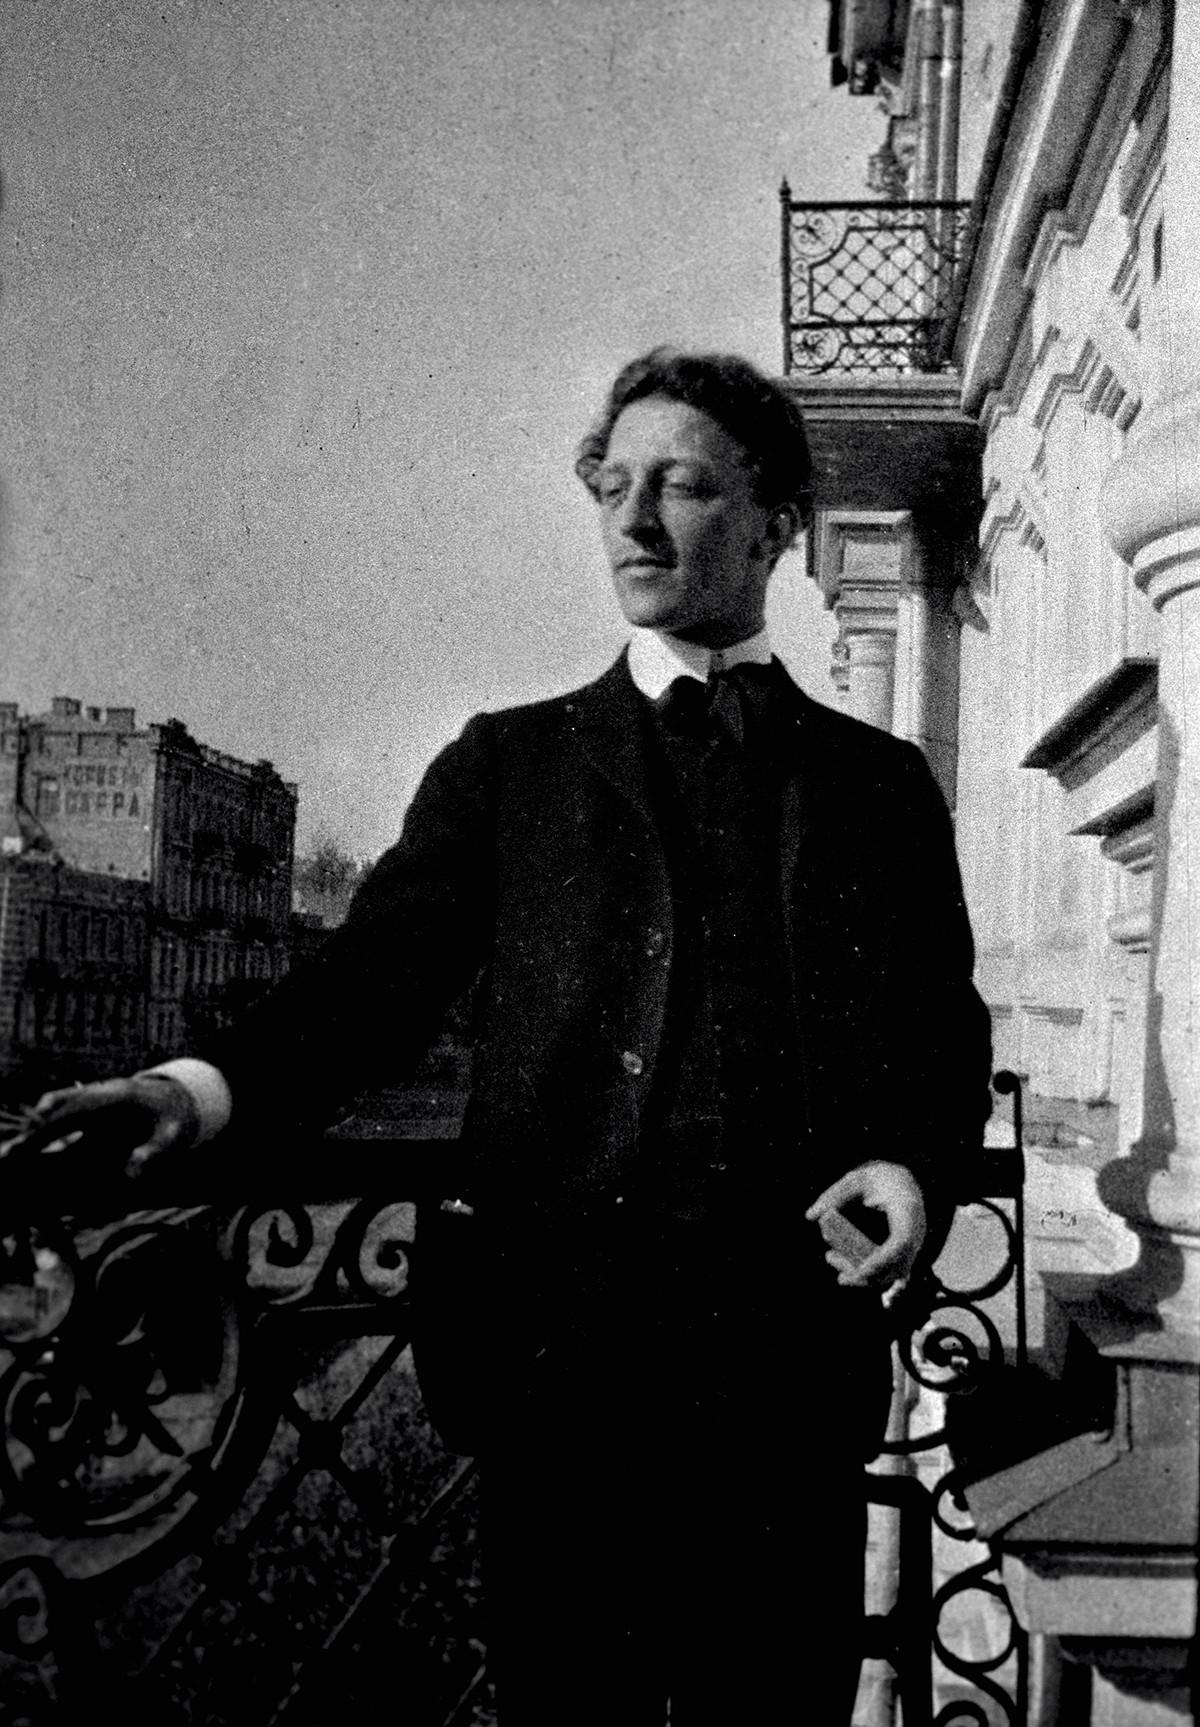 アレクサンドル・ブローク、キエフ、1917年。